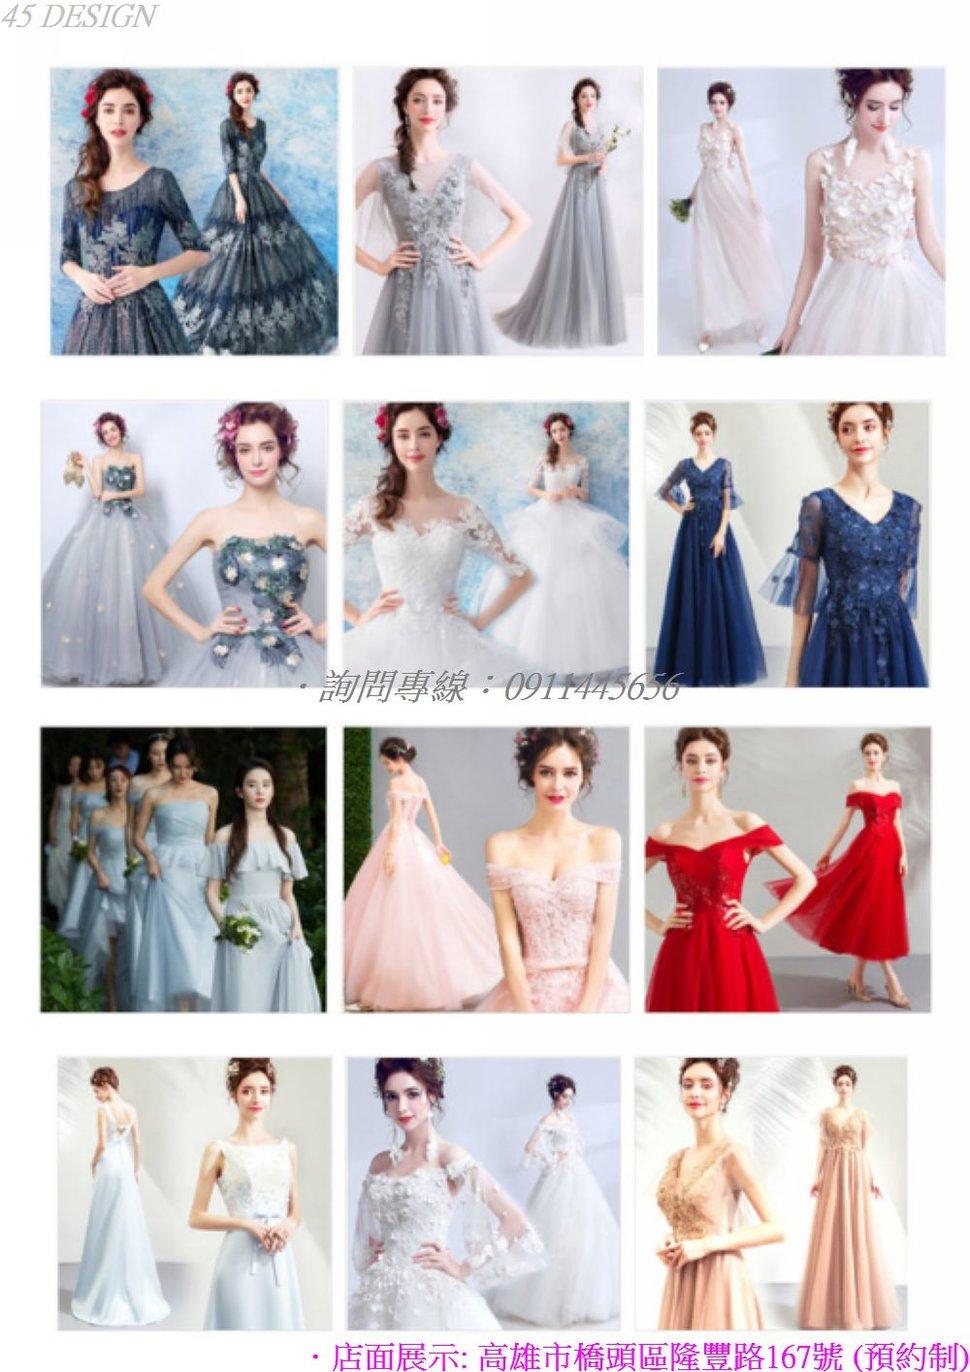 msl19081583483D8D7CD44857A0DAF60CF1BDCD80 - 全台最便宜-45DESIGN四五婚紗禮服《結婚吧》